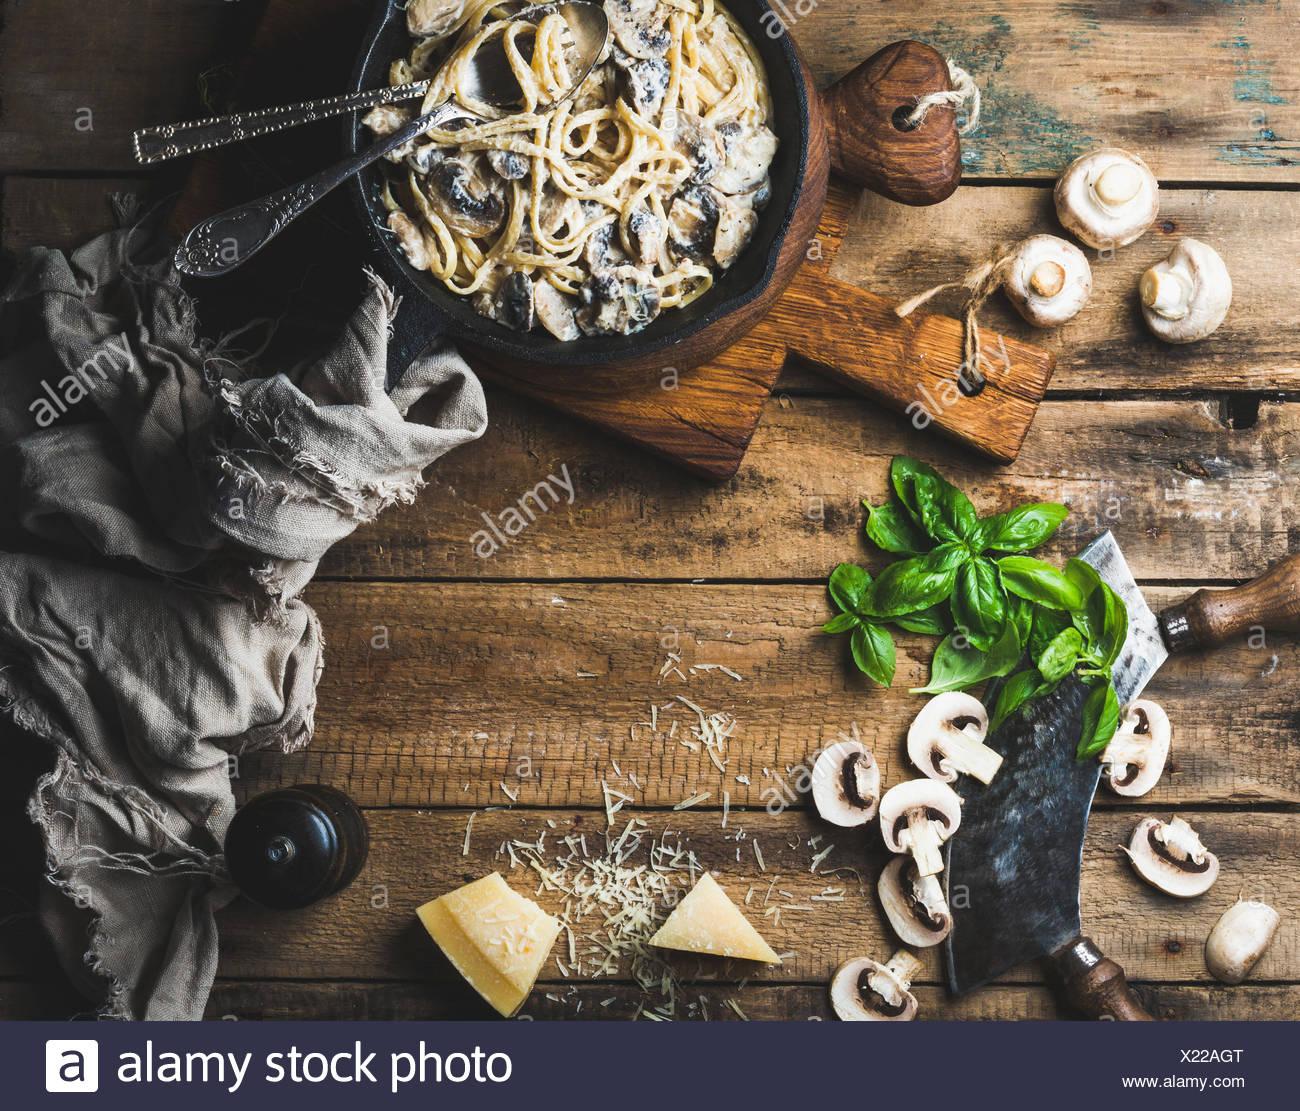 Abendessen im italienischen Stil mit Textfreiraum. Cremige Champignon Nudeln Spaghetti in Gusseisen Pfanne mit Parmesan-Käse, frischem Basilikum und pep Stockfoto